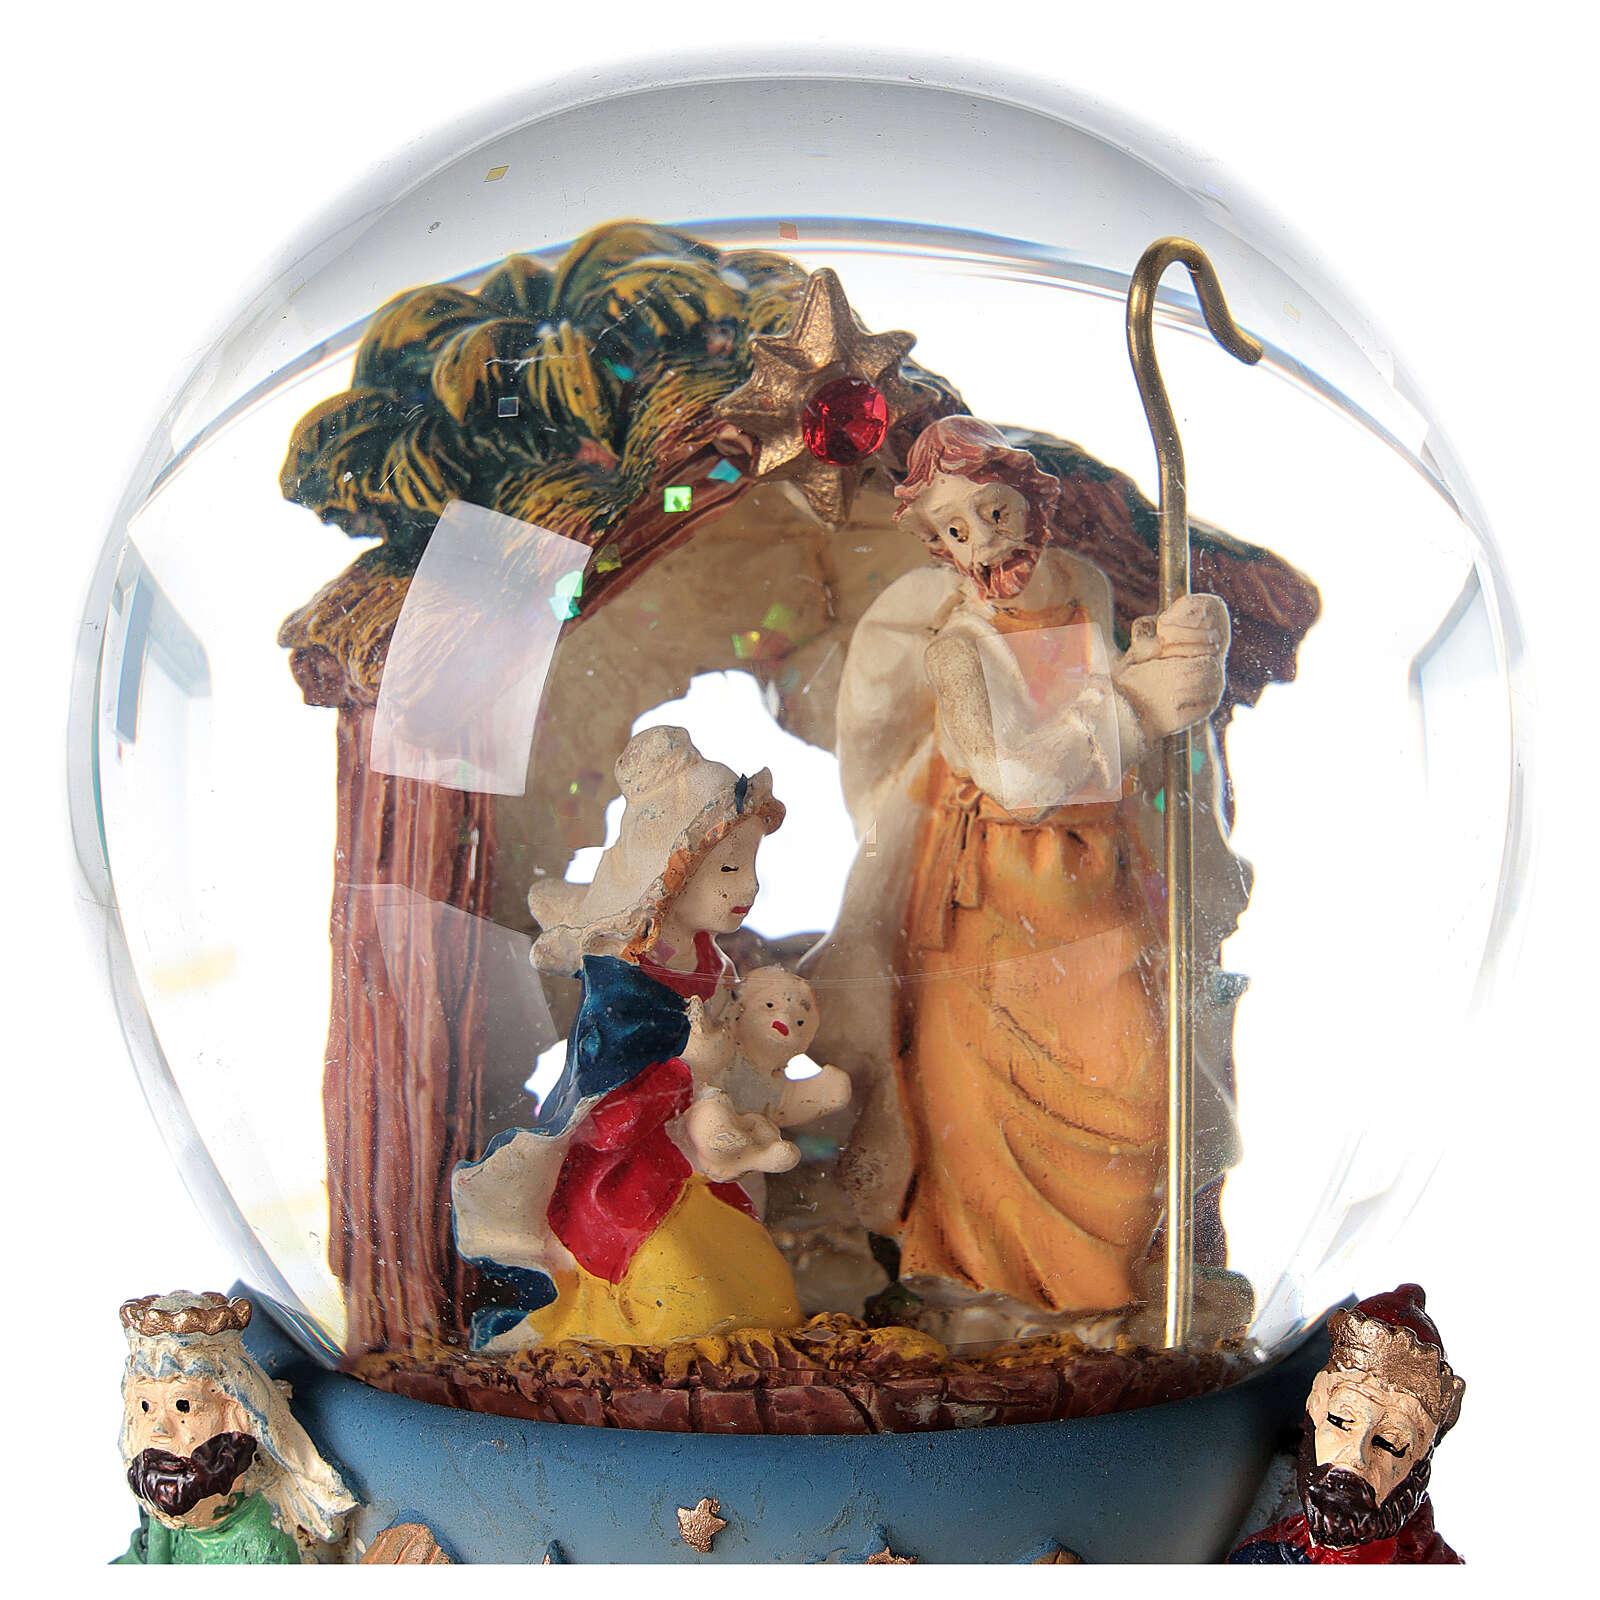 Bola de nieve Natividad Reyes Magos carillón Navidad 80 mm 3